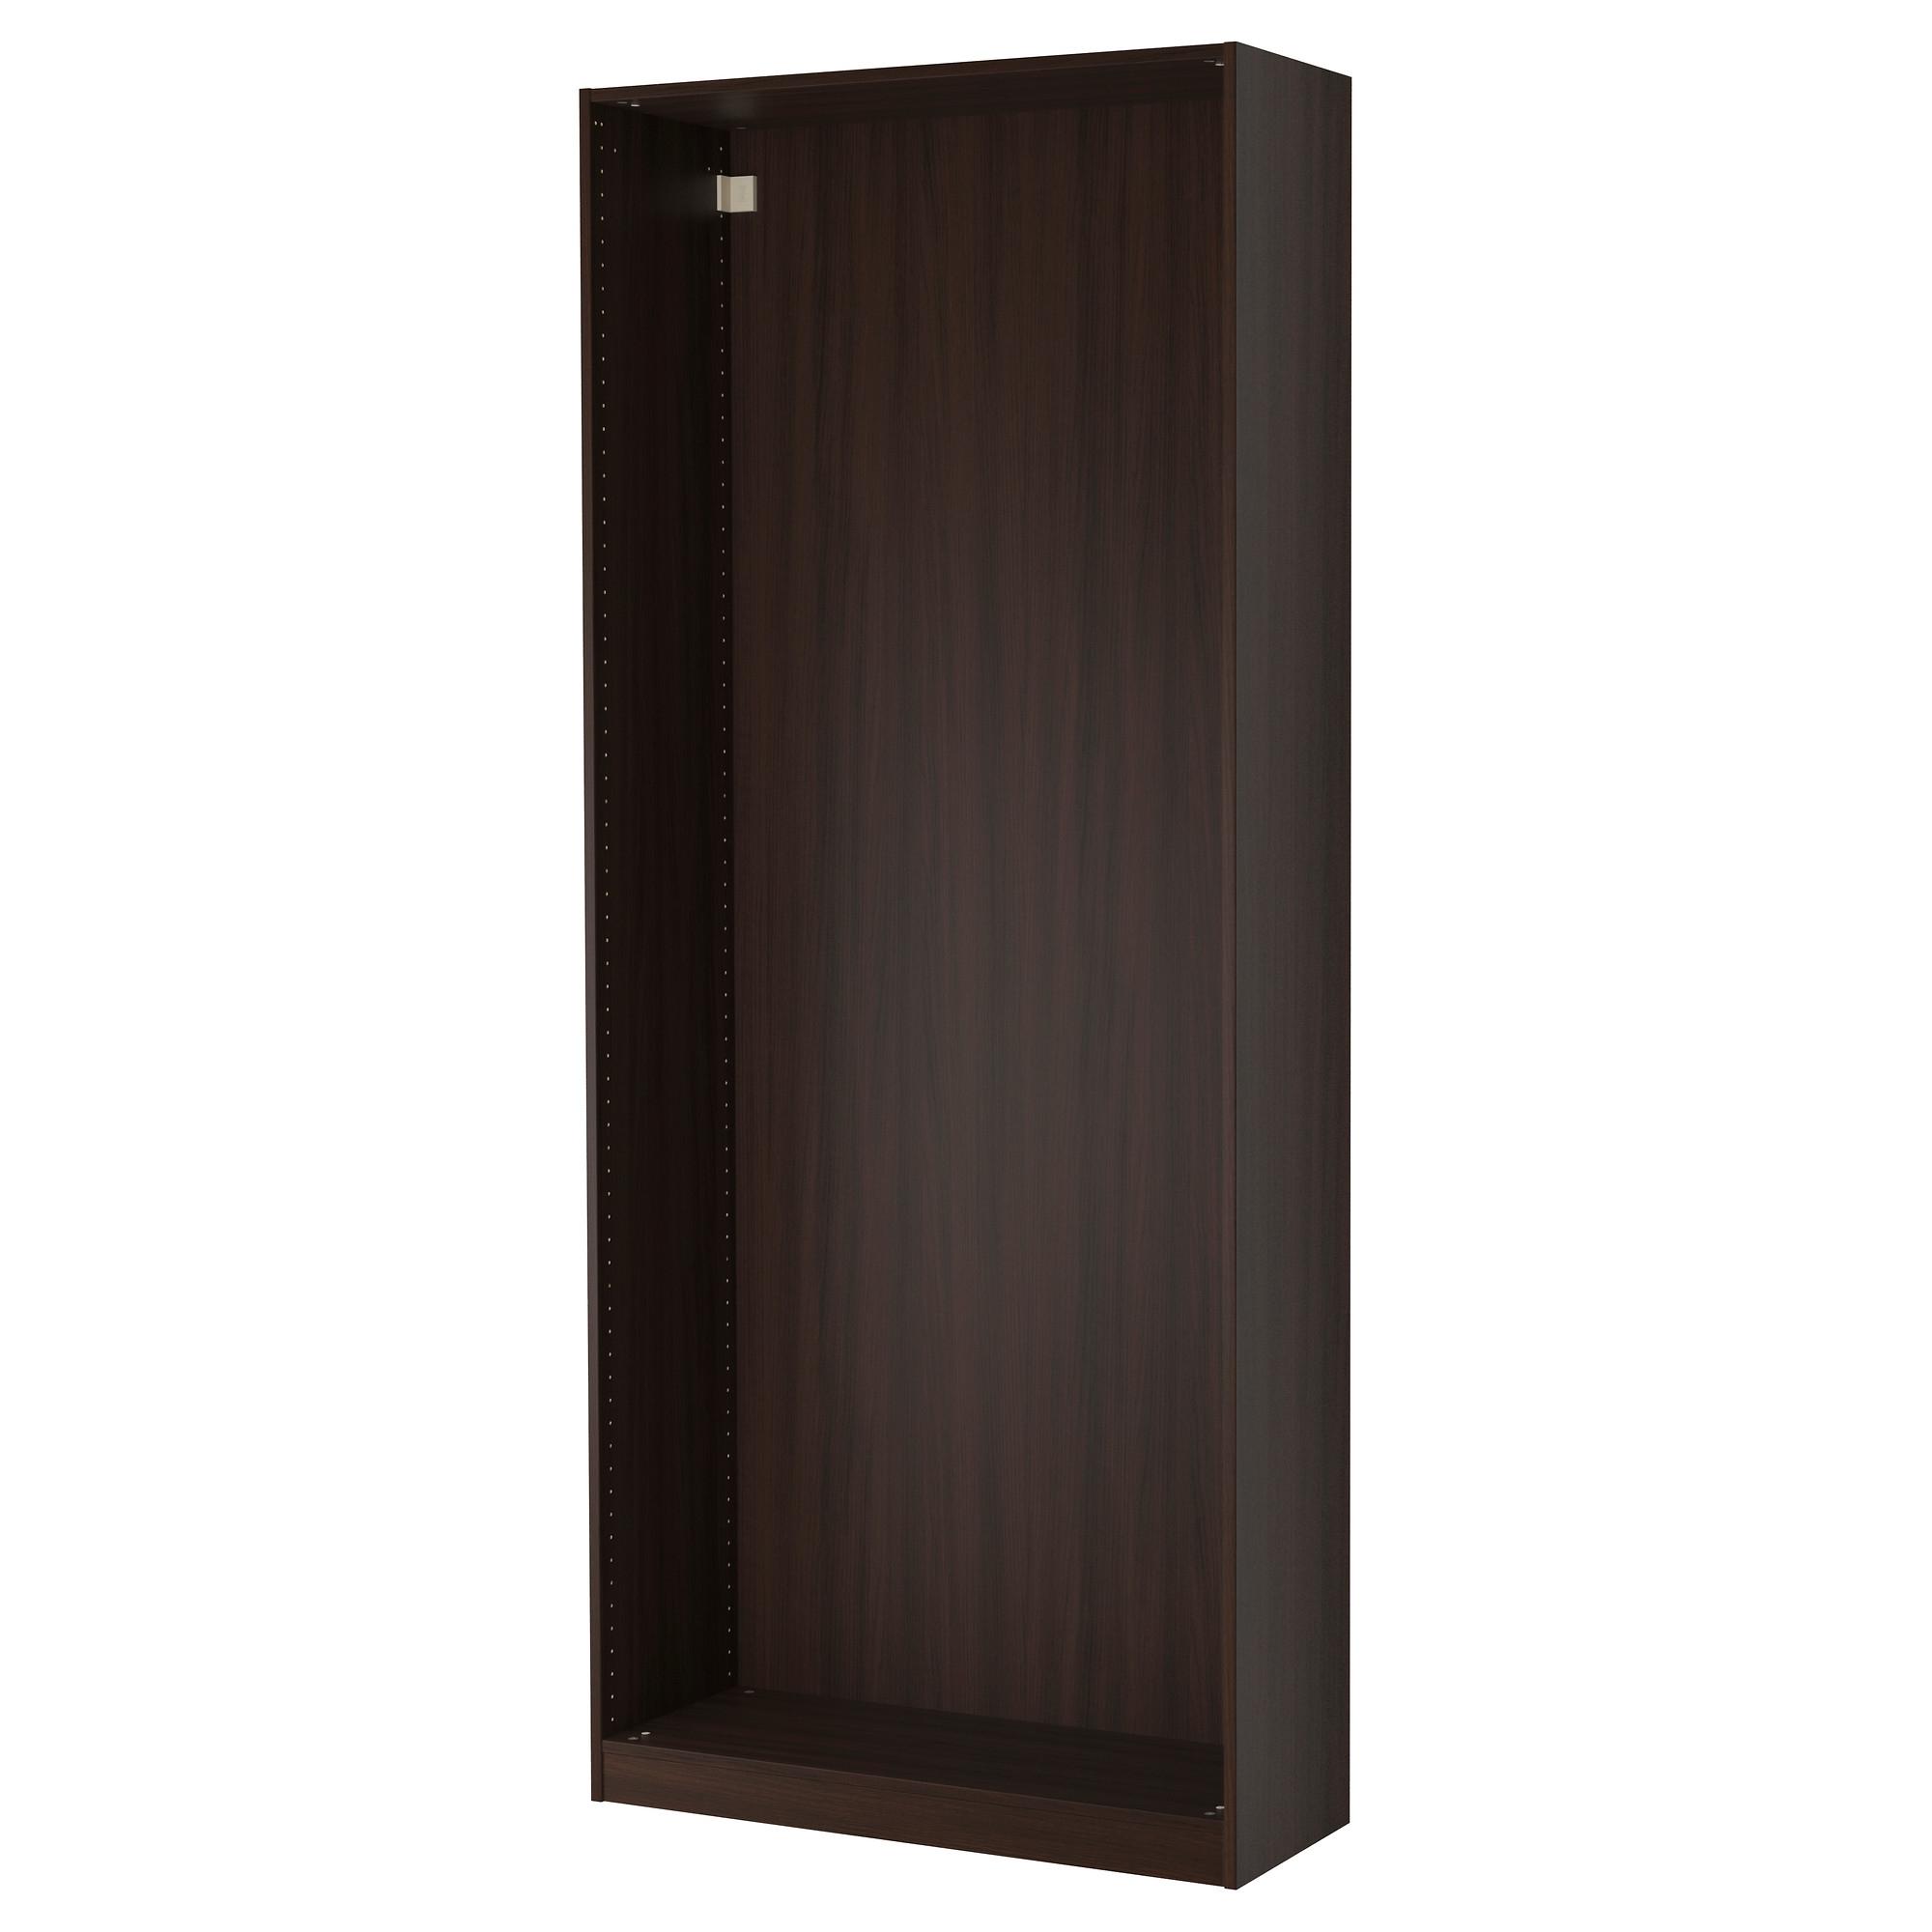 Casa de este alojamiento armario bano ikea wengue - Ikea armarios bano ...